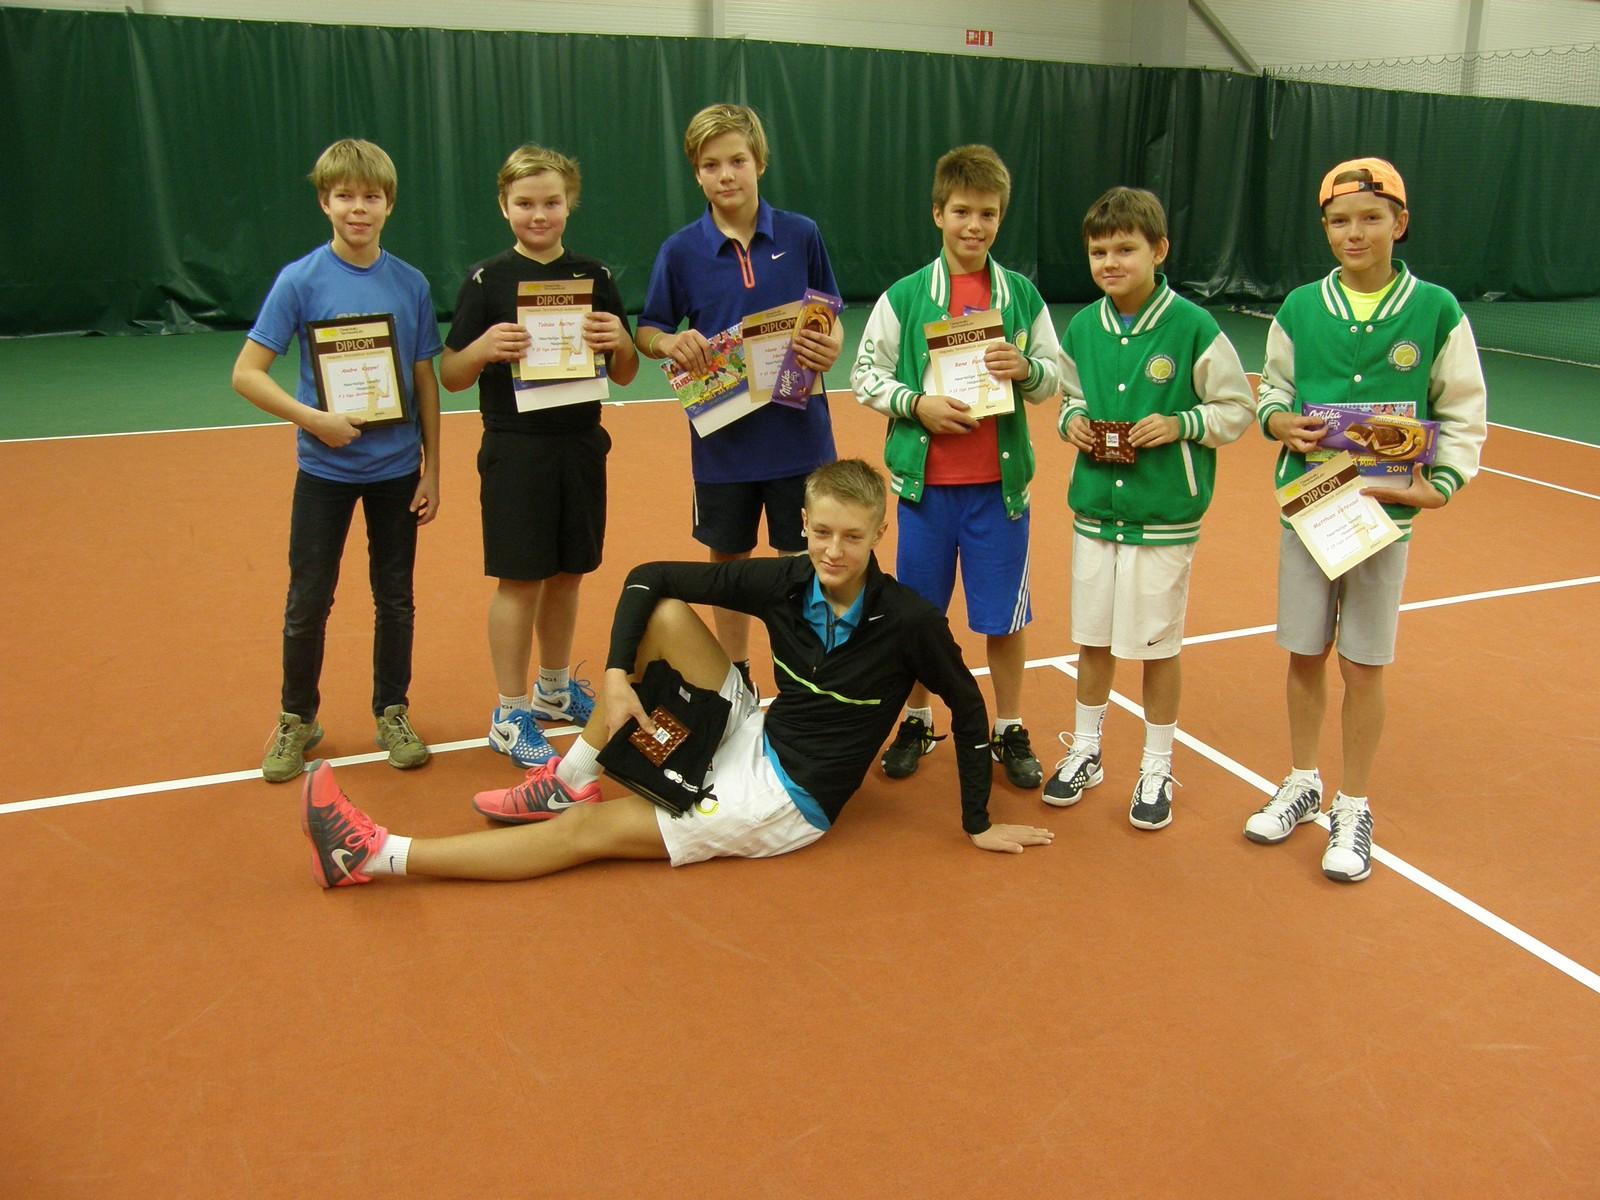 Tublid esinemised Haapsalu Tennisekooli mängijatelt!